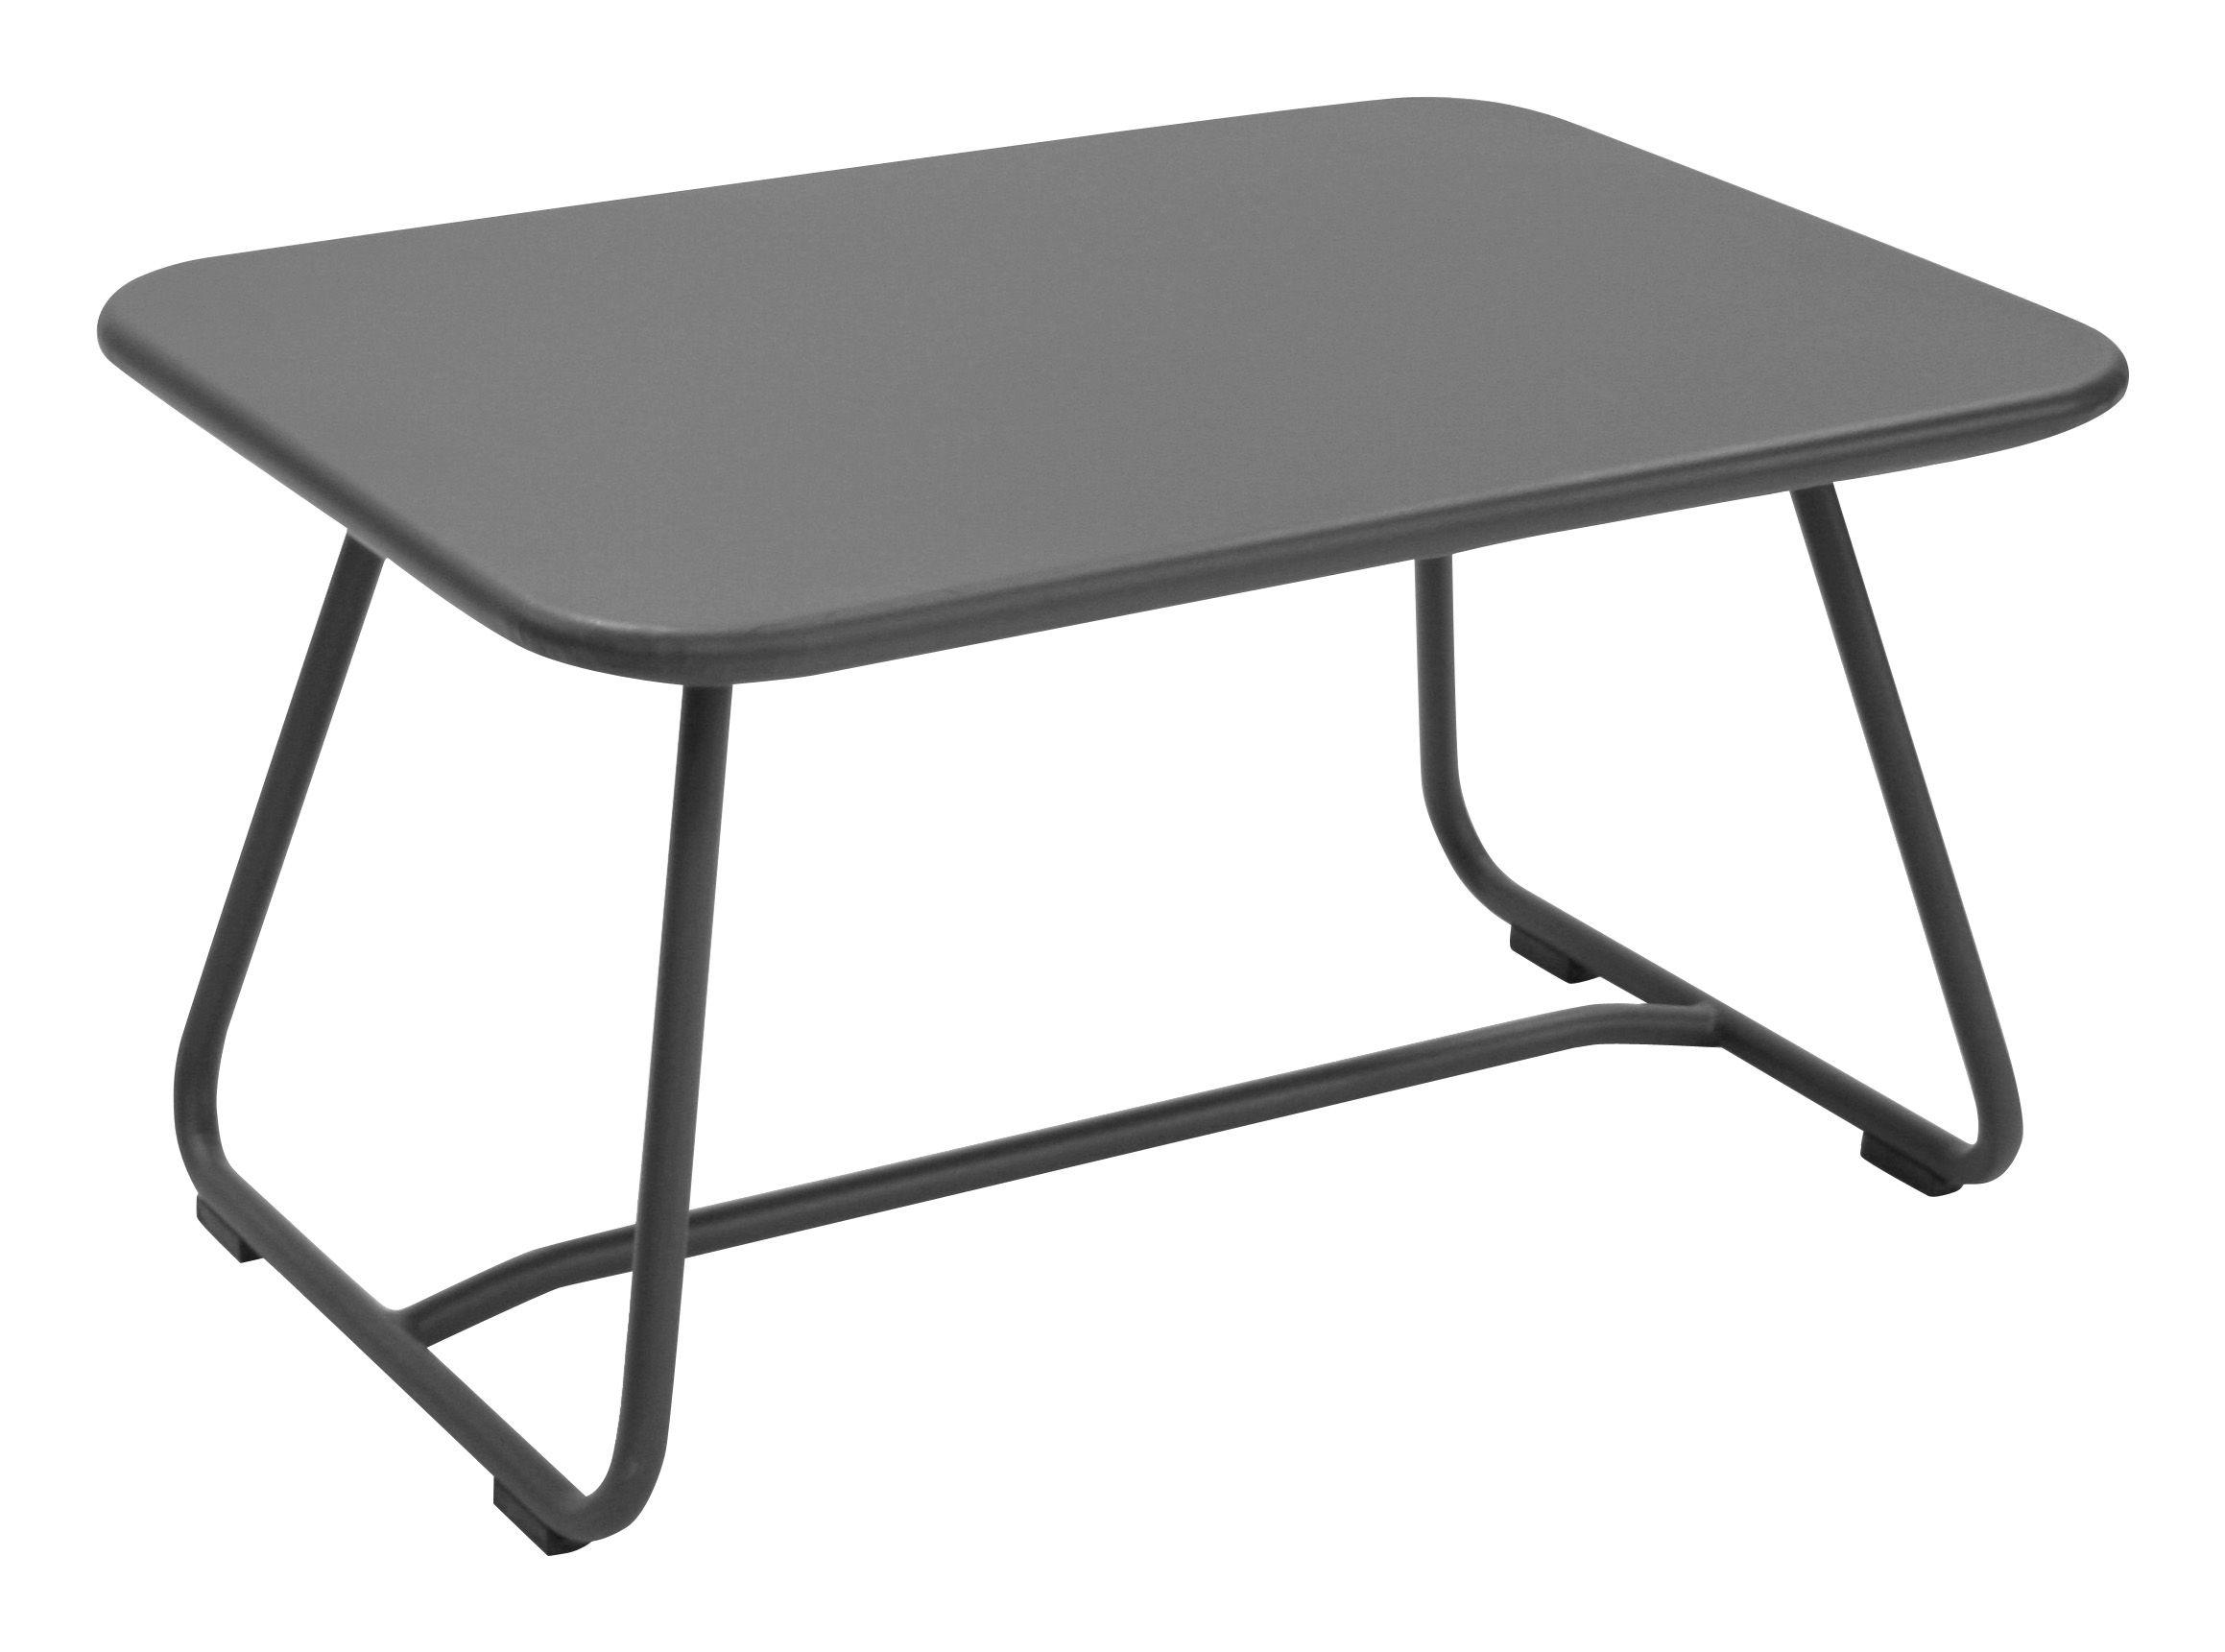 Arredamento - Tavolini  - Tavolino Sixties di Fermob - Grigio ardesia - Acciaio laccato